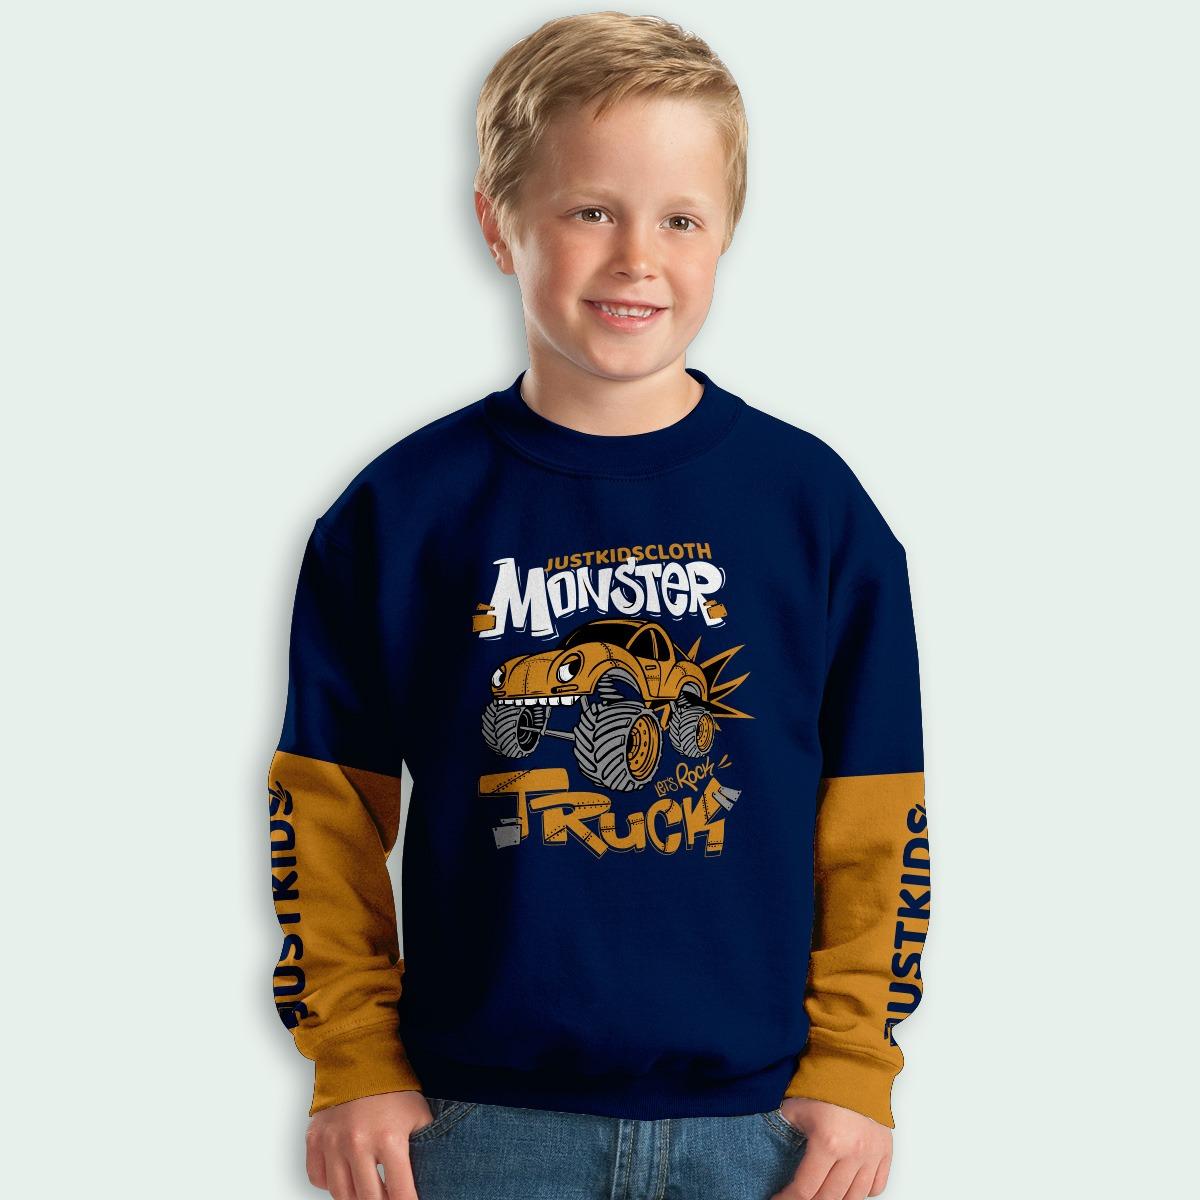 SWEETER PJG JUST KIDS (MONSTER TRUCK) (ANKL00019)